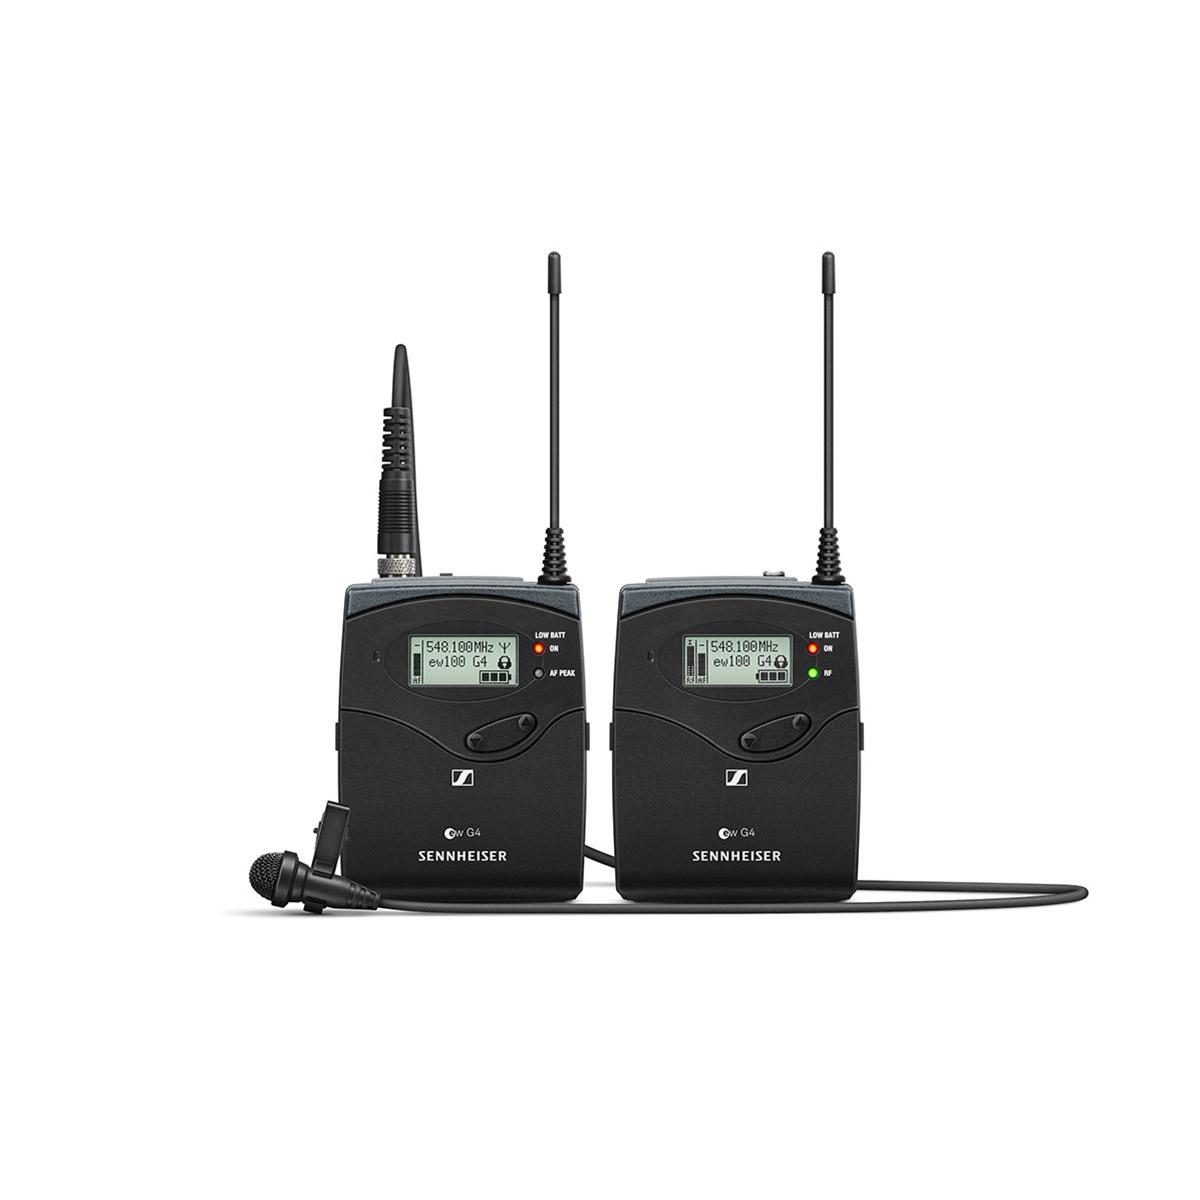 Sennheiser ew 112P G4 (626 - 668 MHz) bezdrôtový mikrofónny set s klopovým mikrofónom